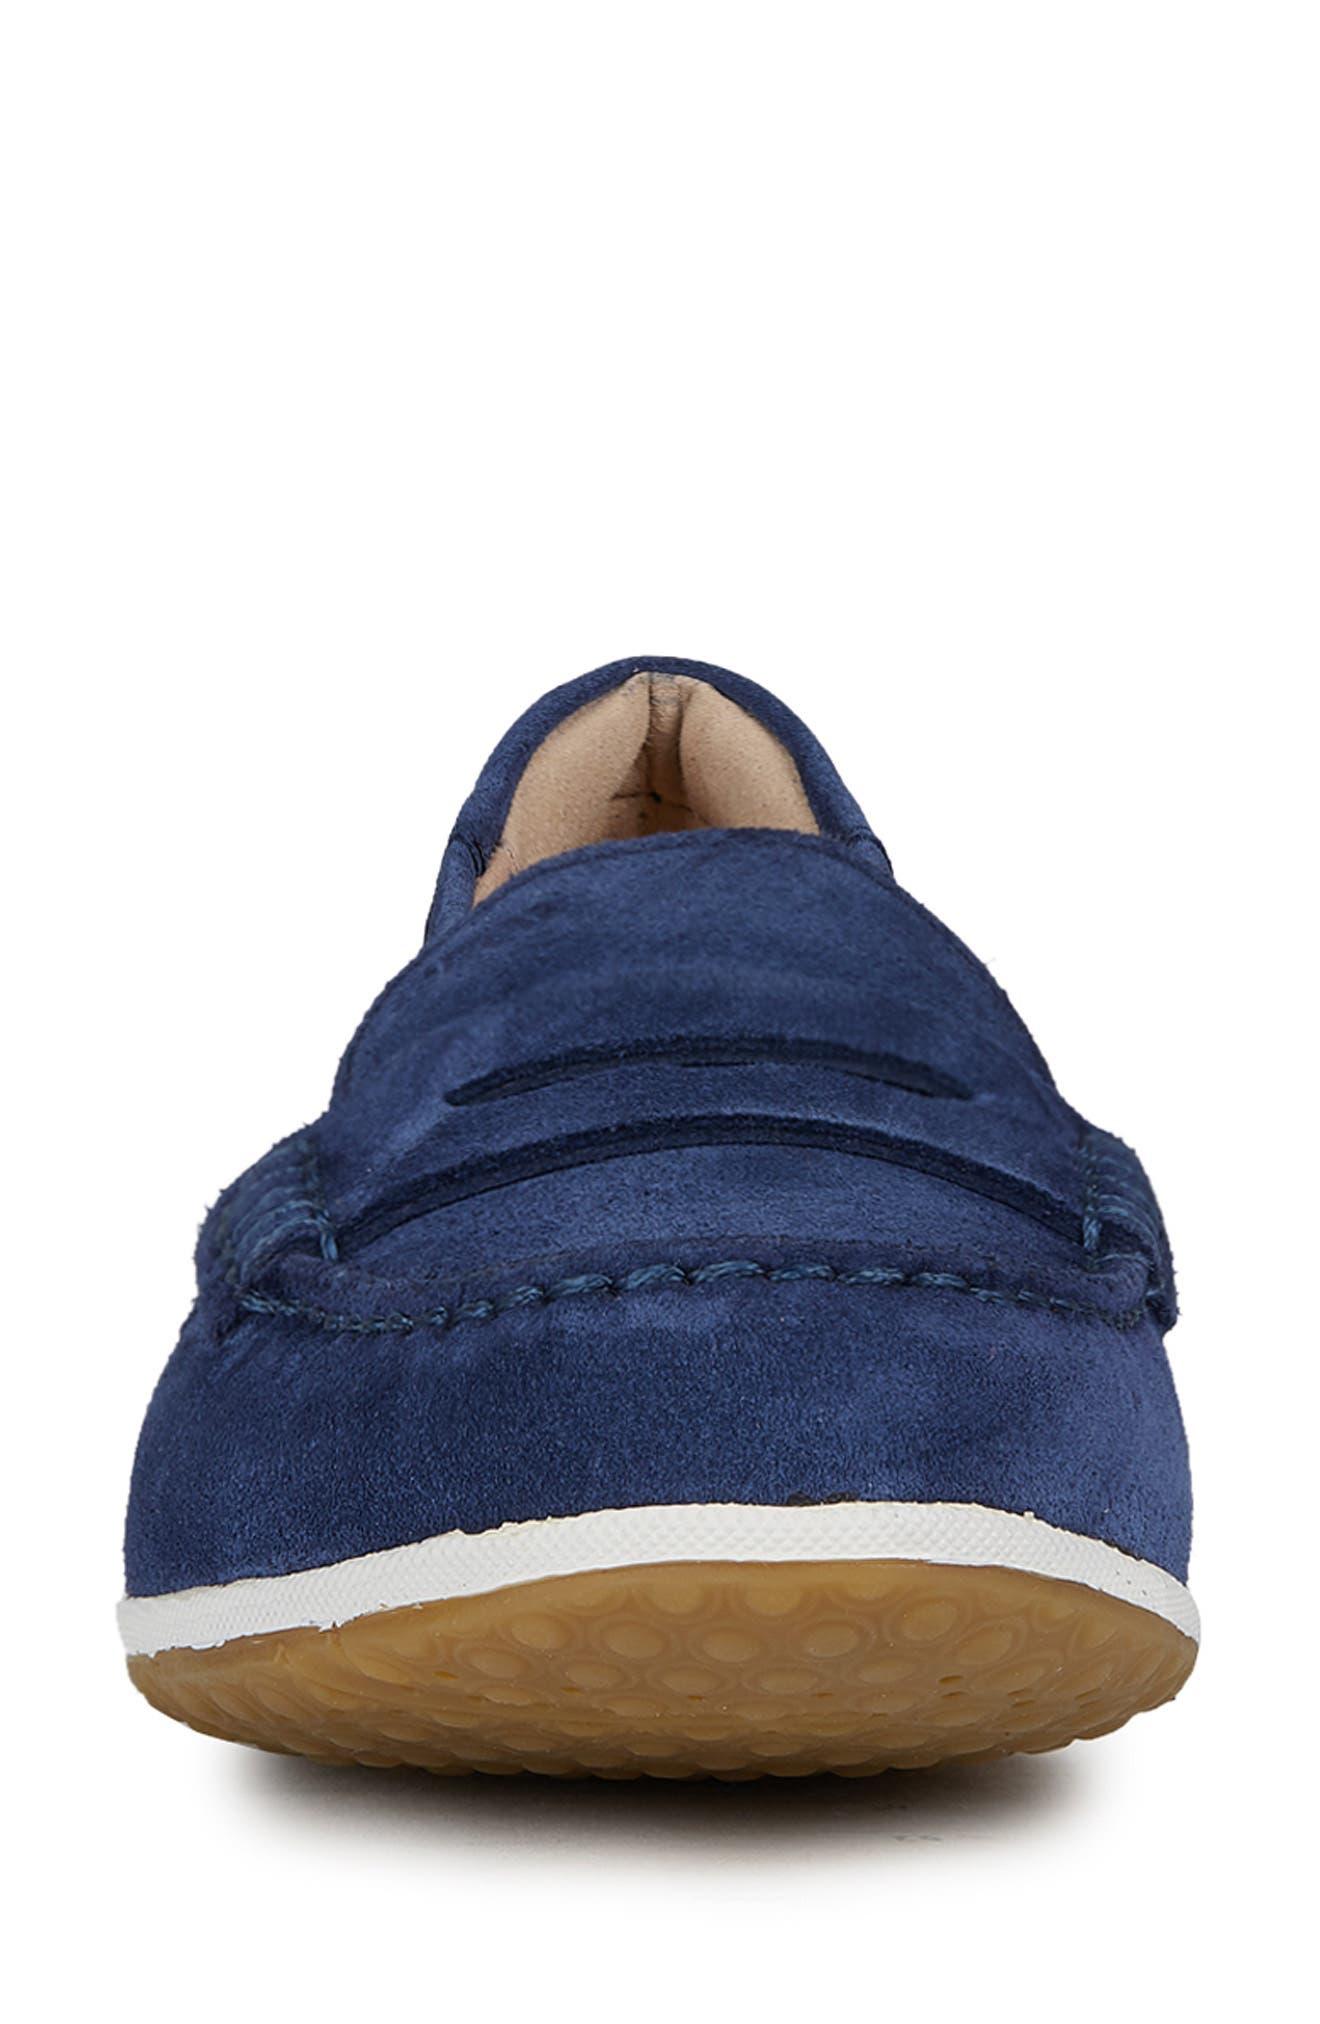 GEOX, Vega Moc Loafer, Alternate thumbnail 4, color, BLUE SUEDE